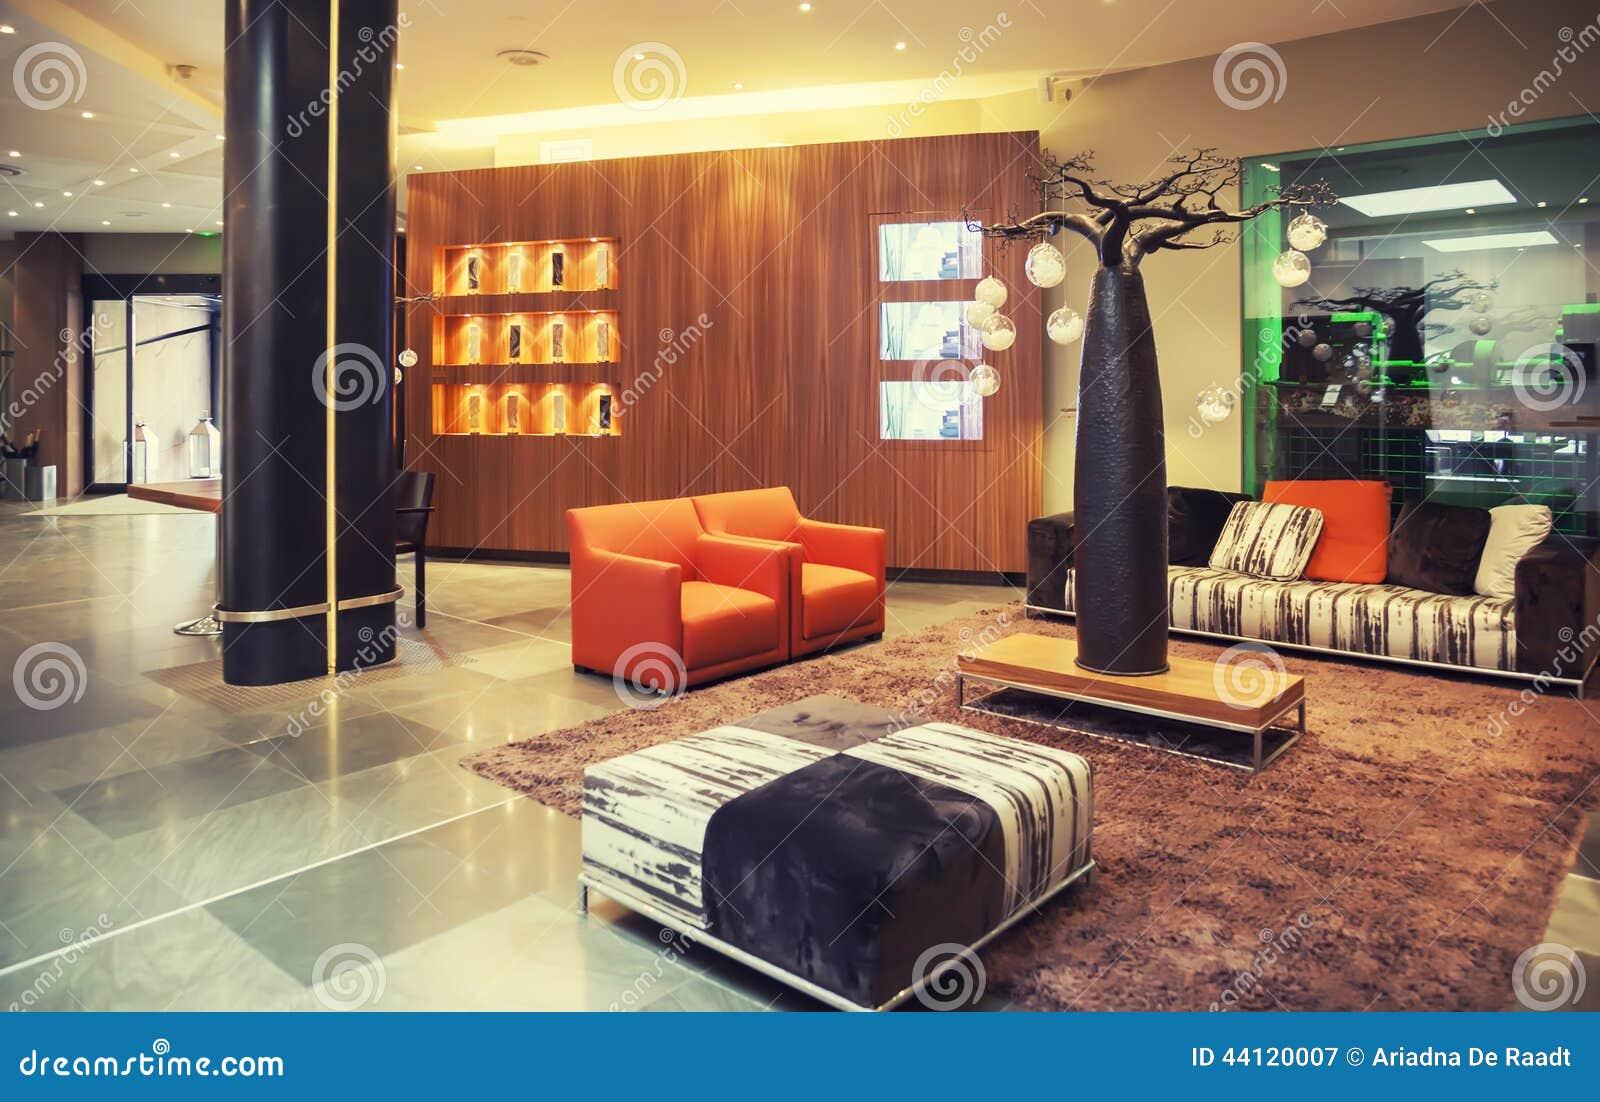 Voorgerechtzaal in modern hotel stock afbeelding afbeelding